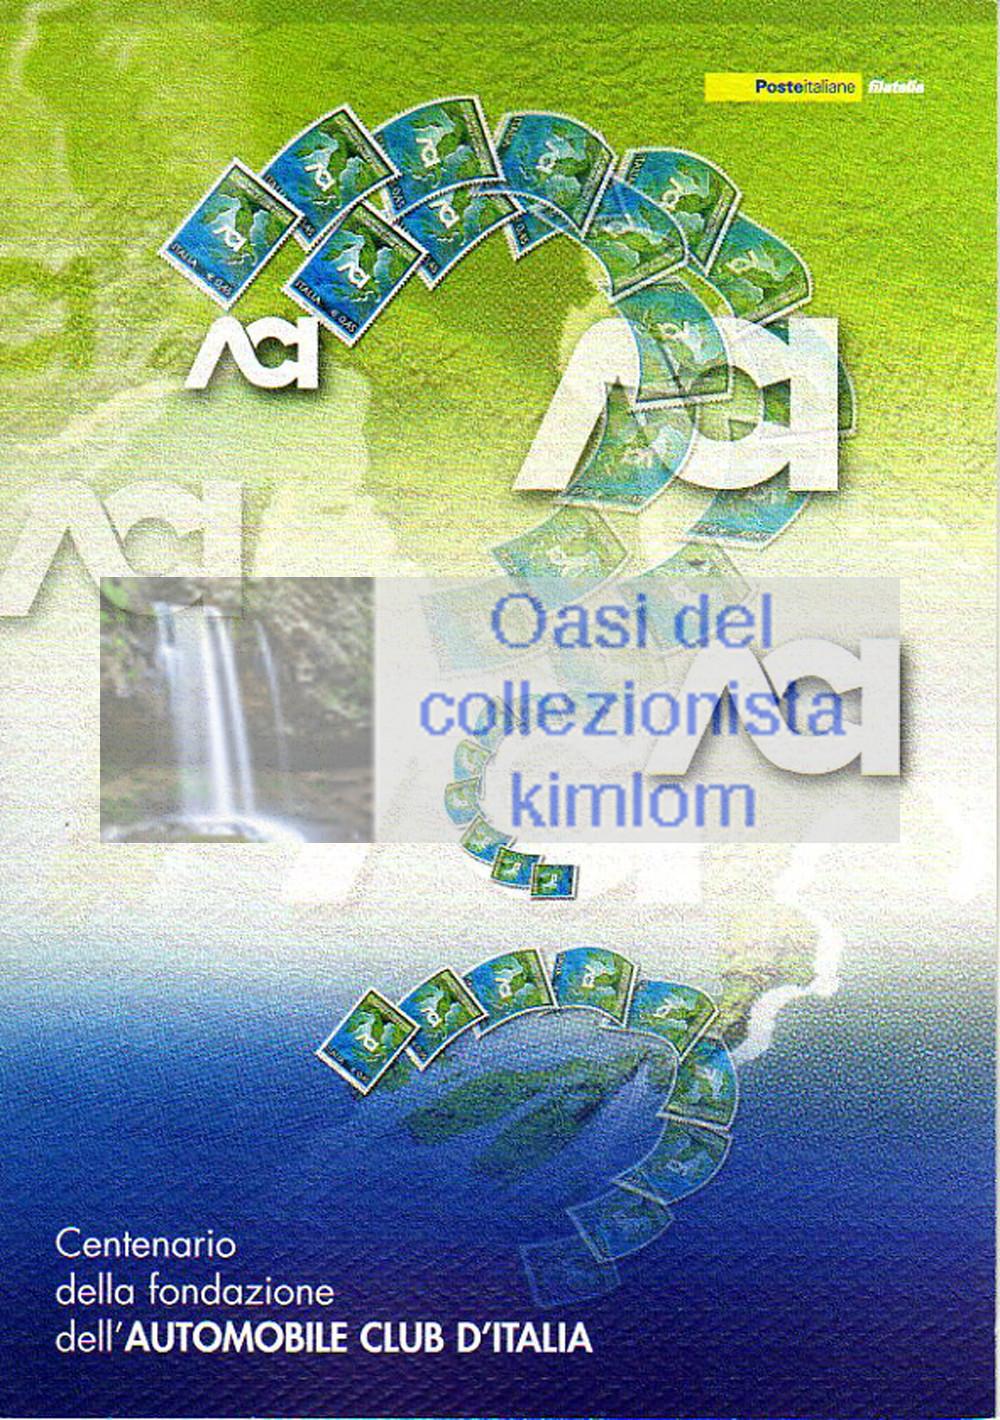 folder - Centenario della fondazione dell'Automobile Club d'Italia